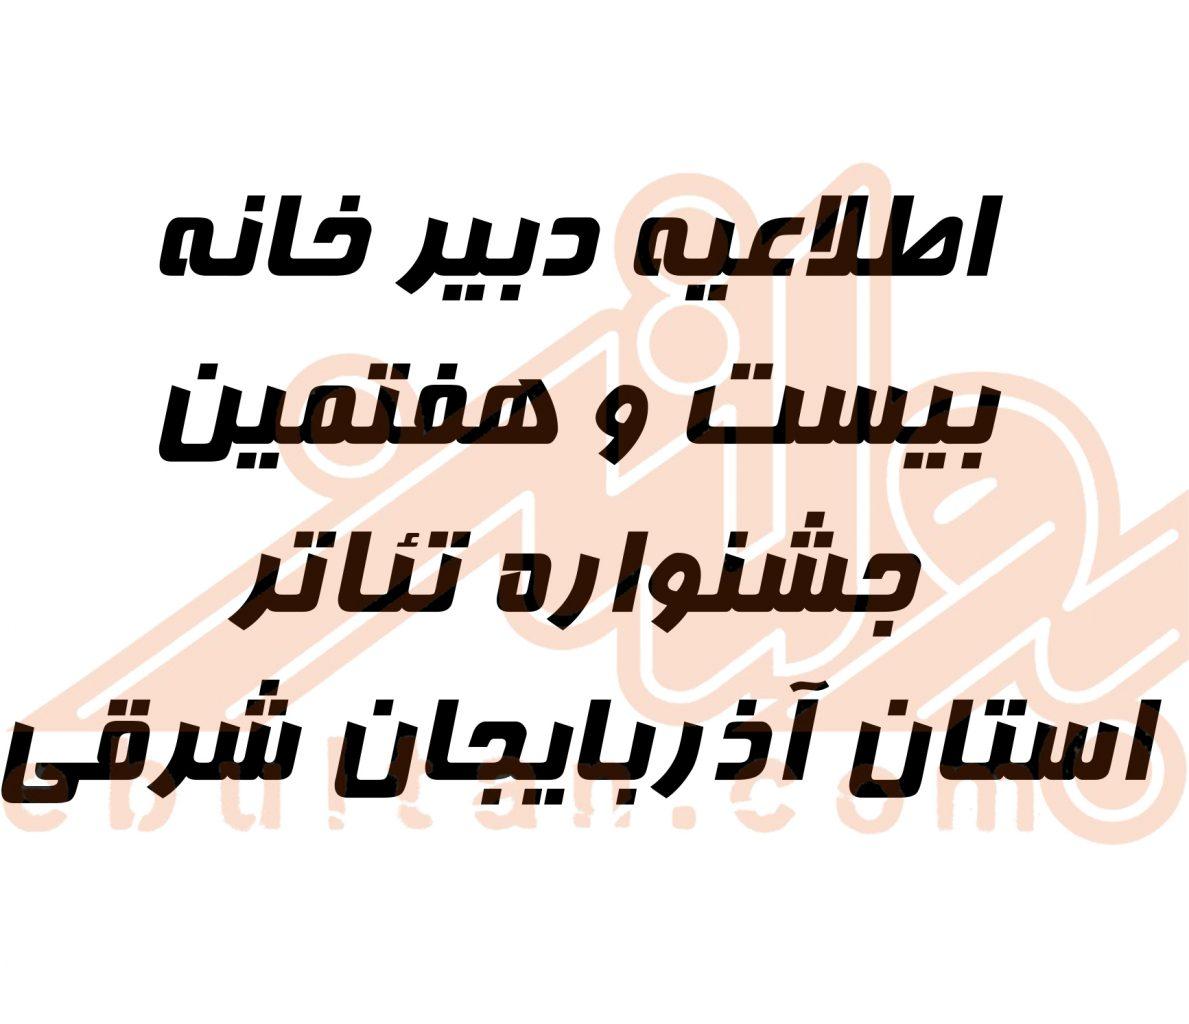 اطلاعیه دبیر خانه بیست و هفتمین جشنواره تئاتر استان آذربایجان شرقی